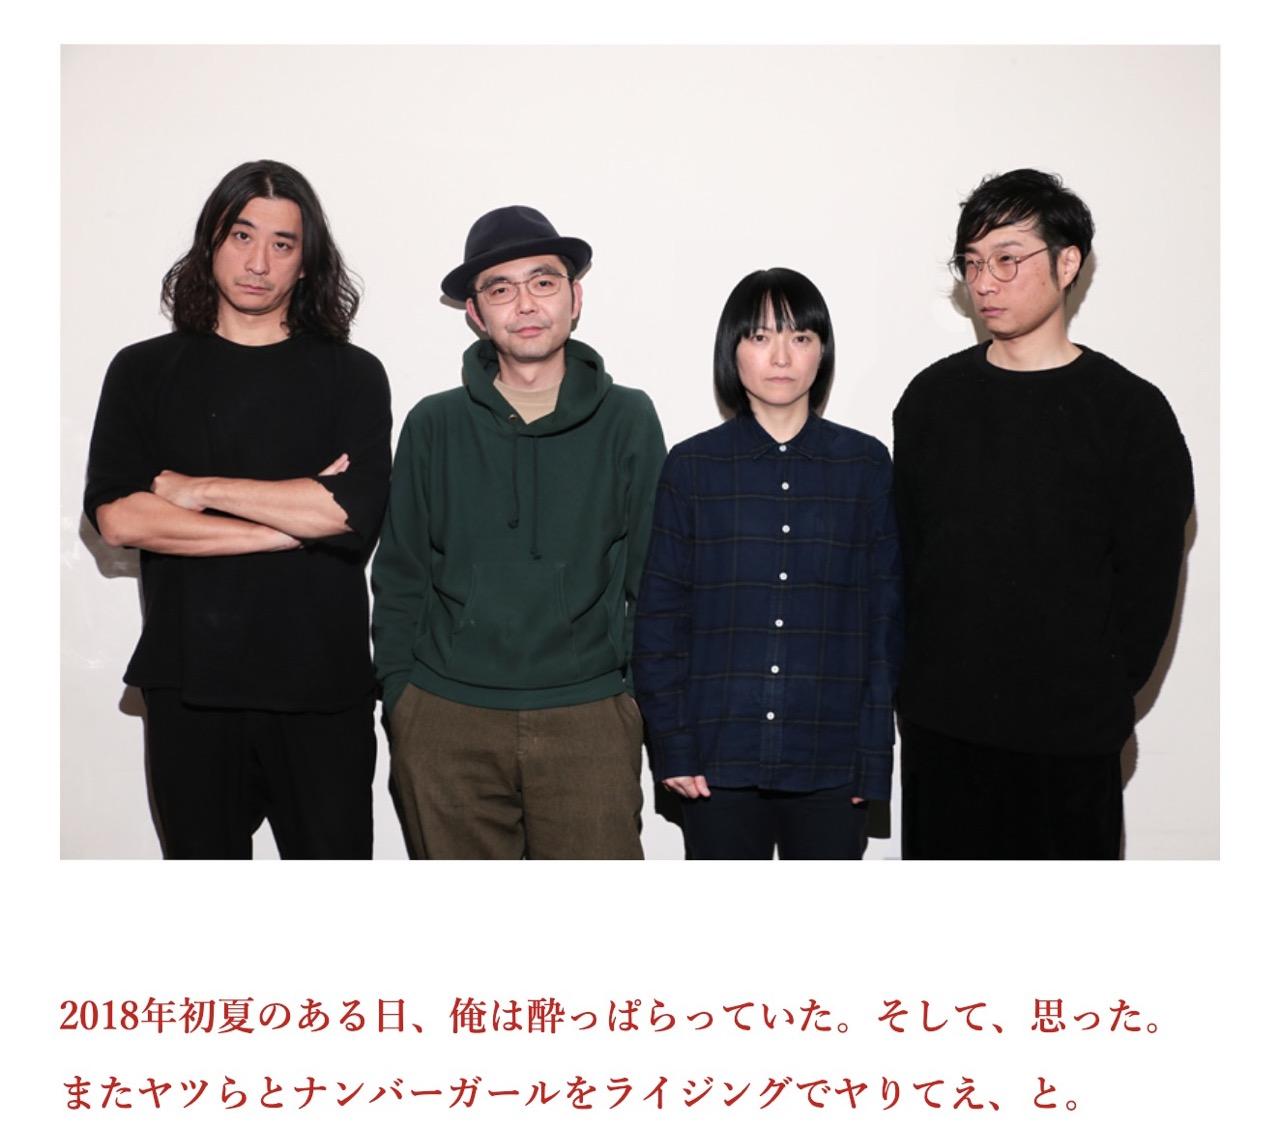 「NUMBER GIRL(ナンバーガール)」オリジナルメンバーで再結成